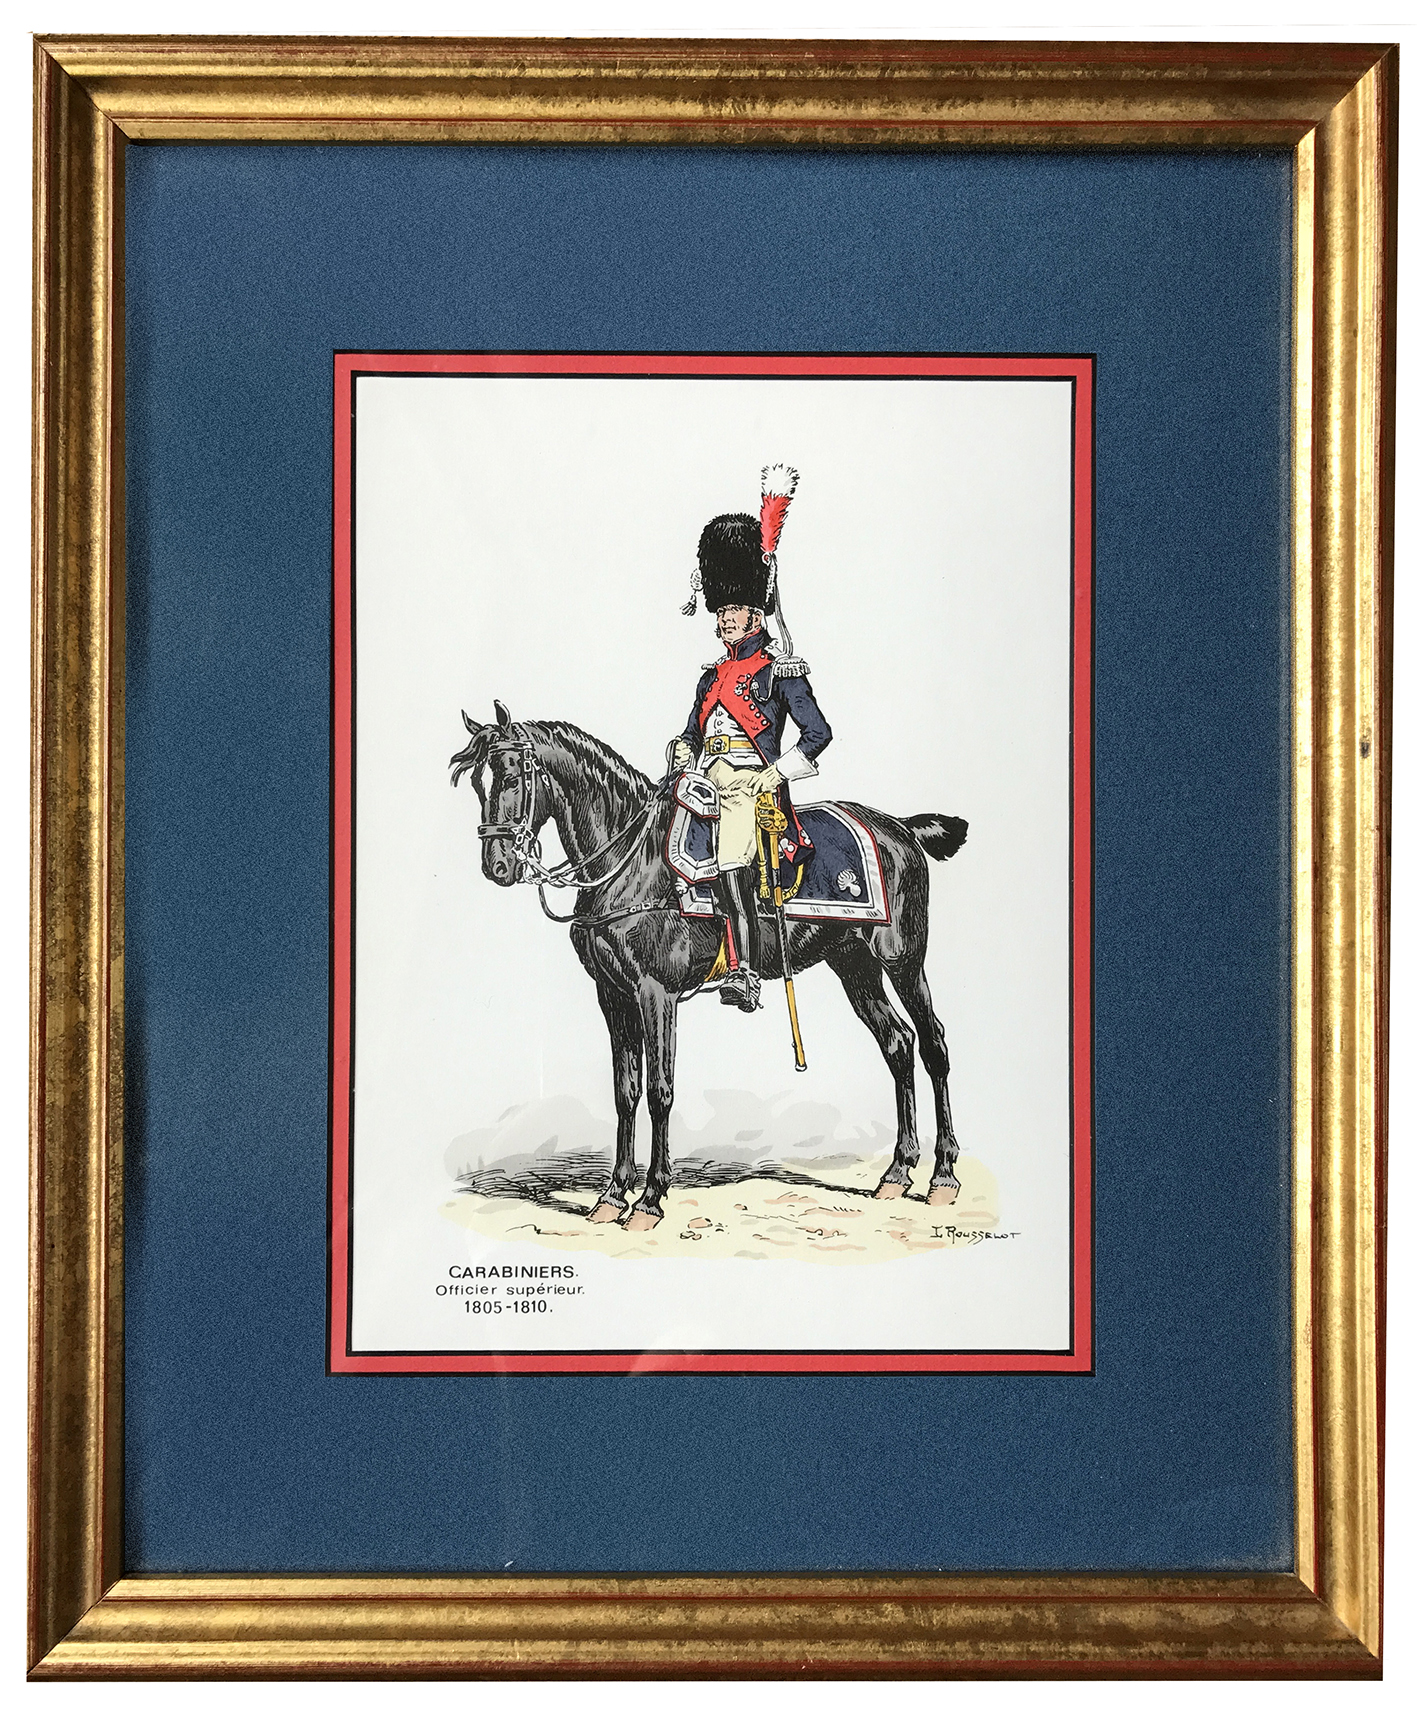 Soldats d'autrefois - Carabiniers 1805/1810 - Lucien Rousselot - 1er Empire - Napoléon